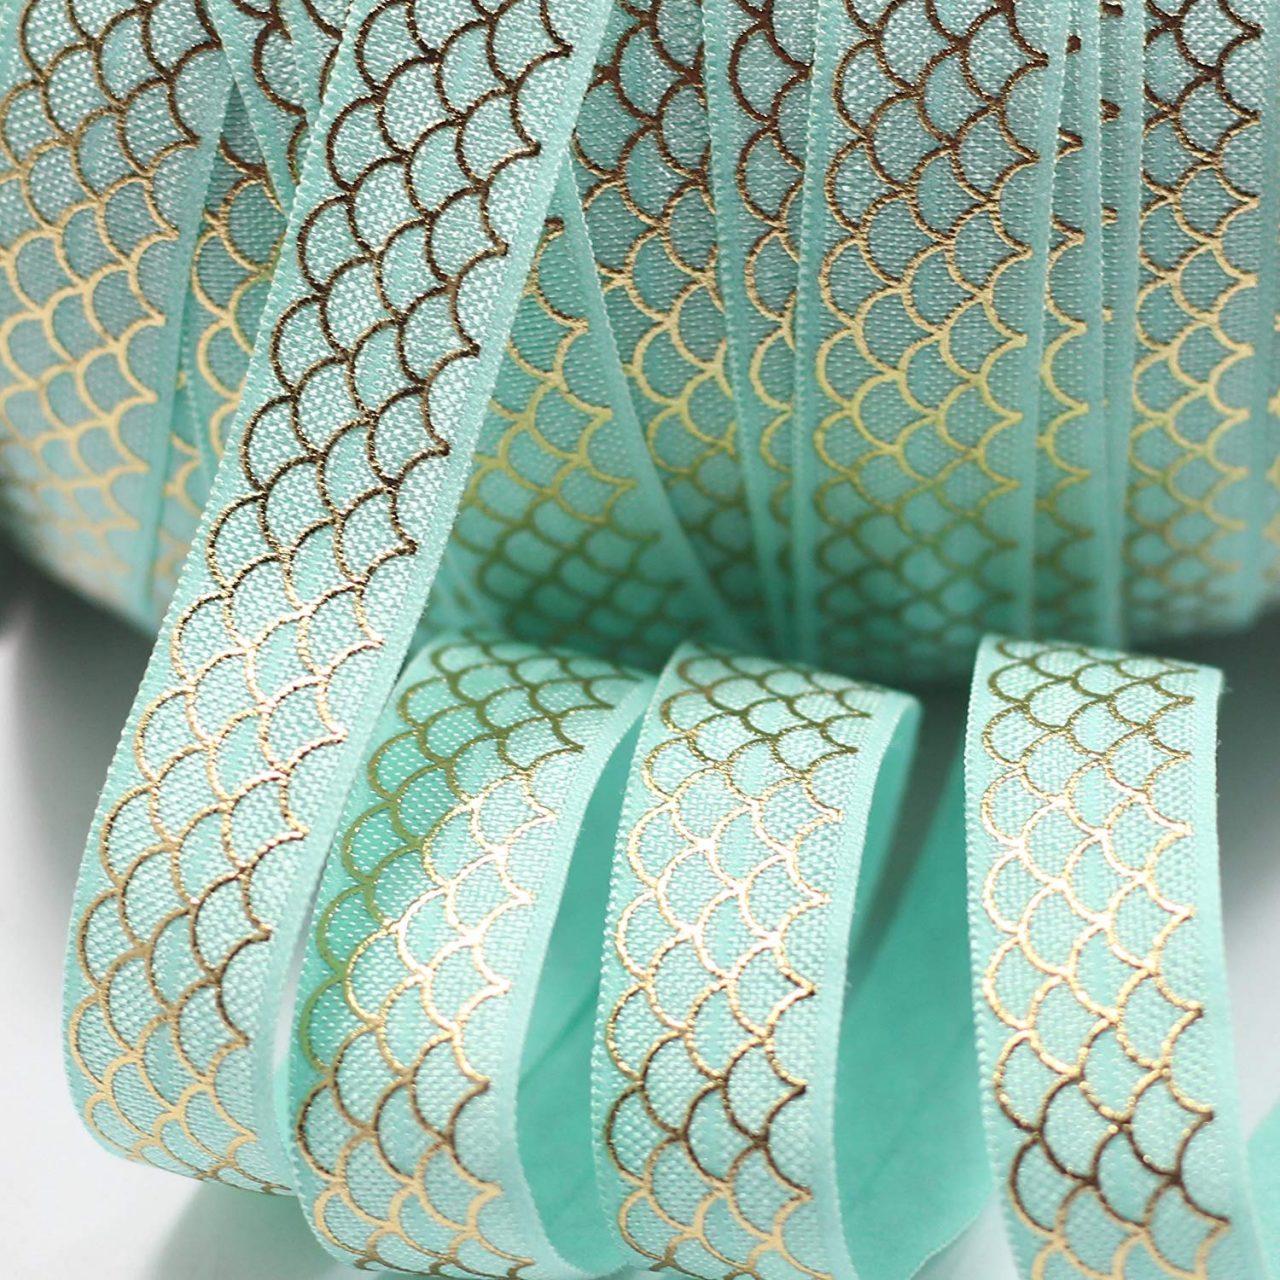 Gold and Teal Mermaid Ribbon